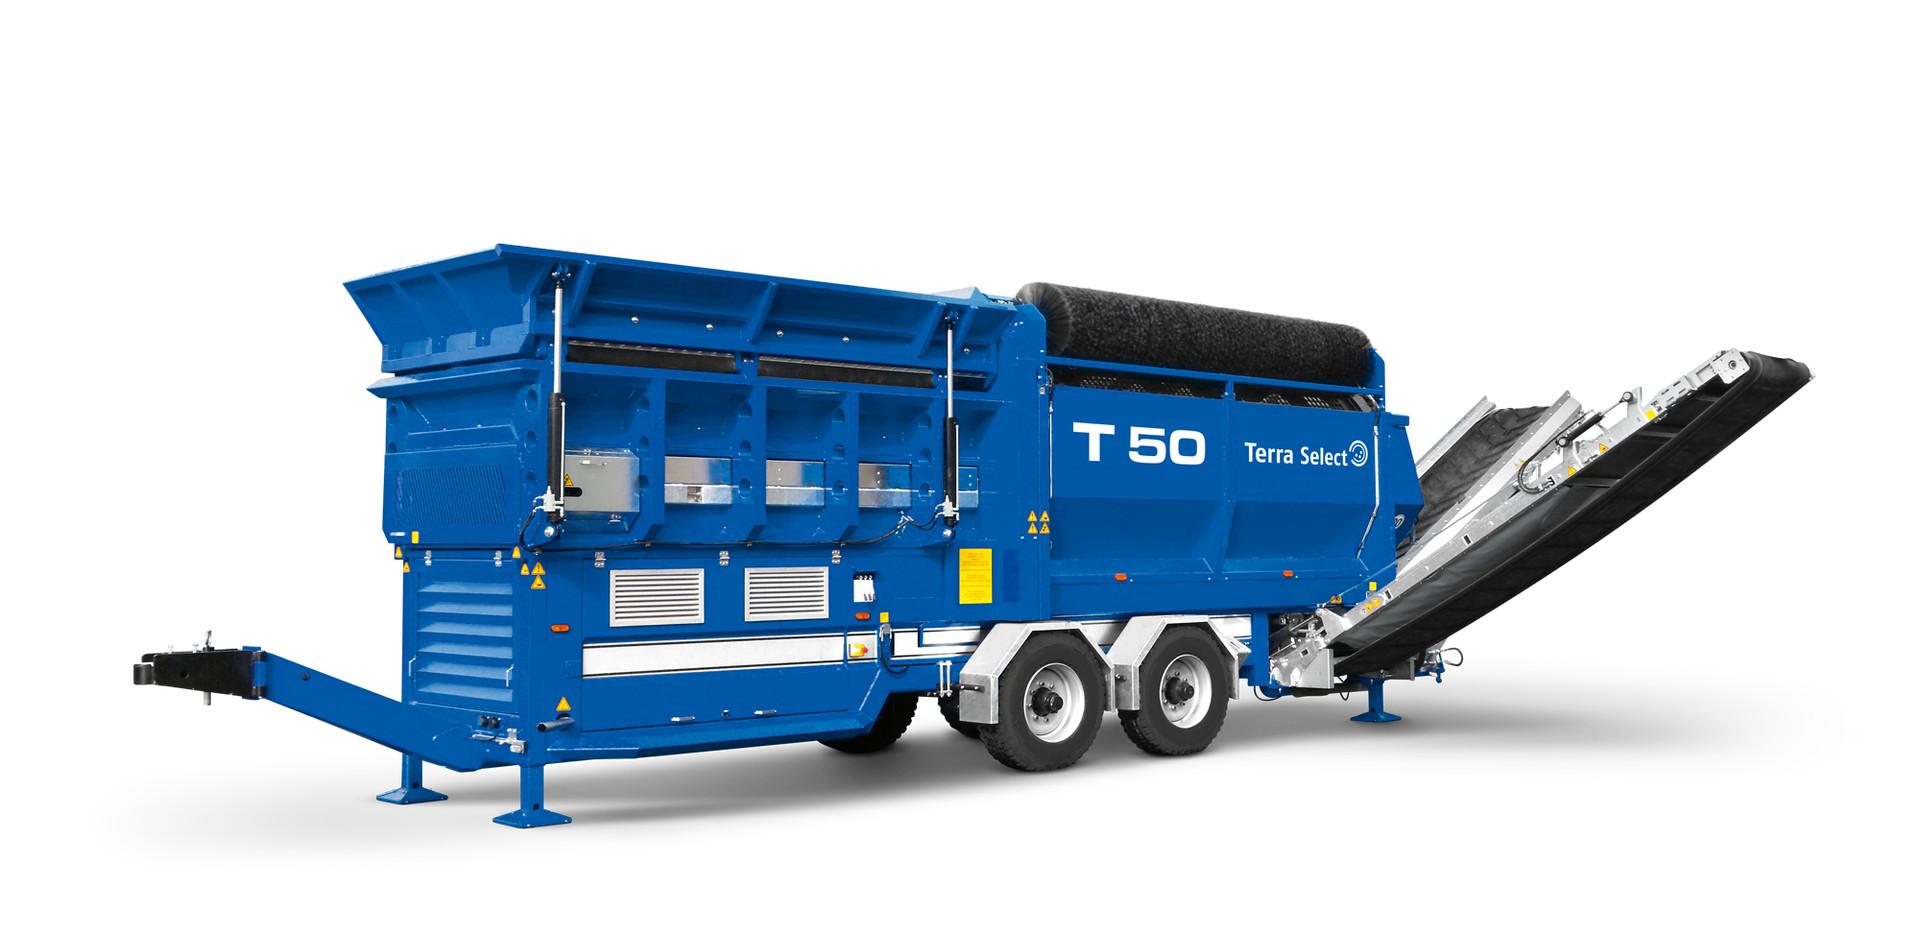 Terra Select T50